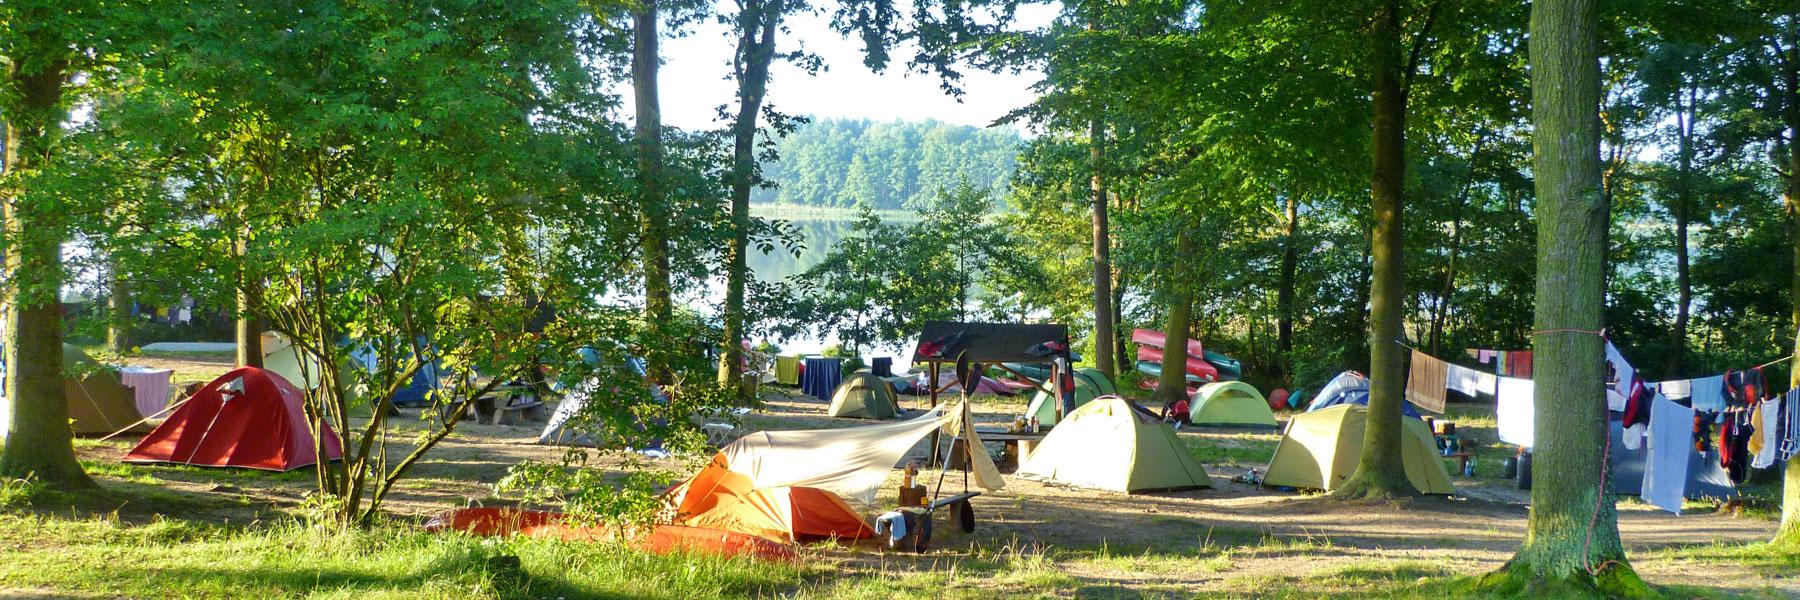 Zelten am See - Campingplatz Am Gobenowsee